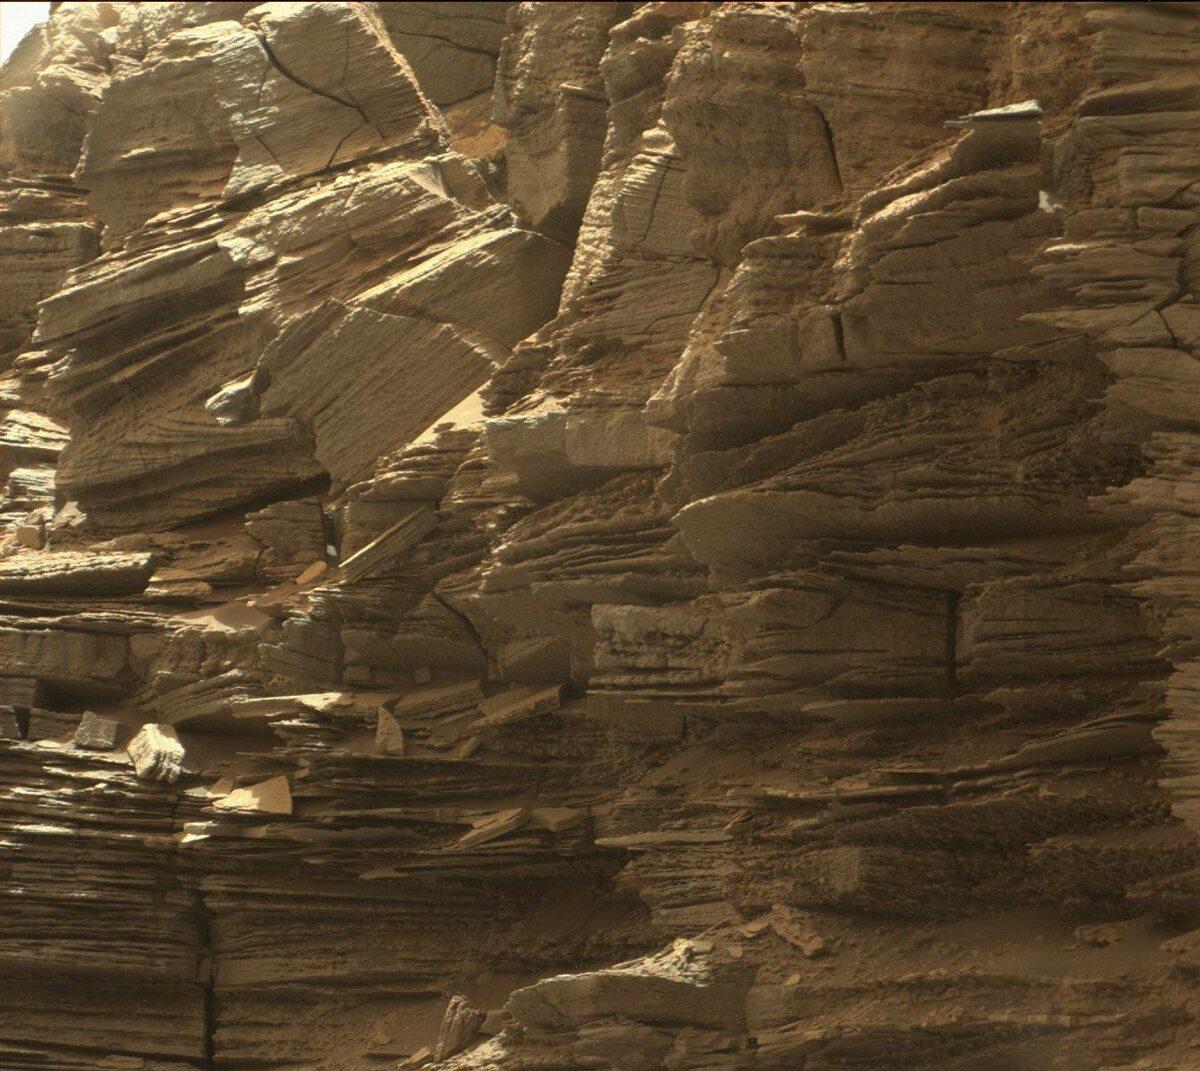 Marsjańskie skały